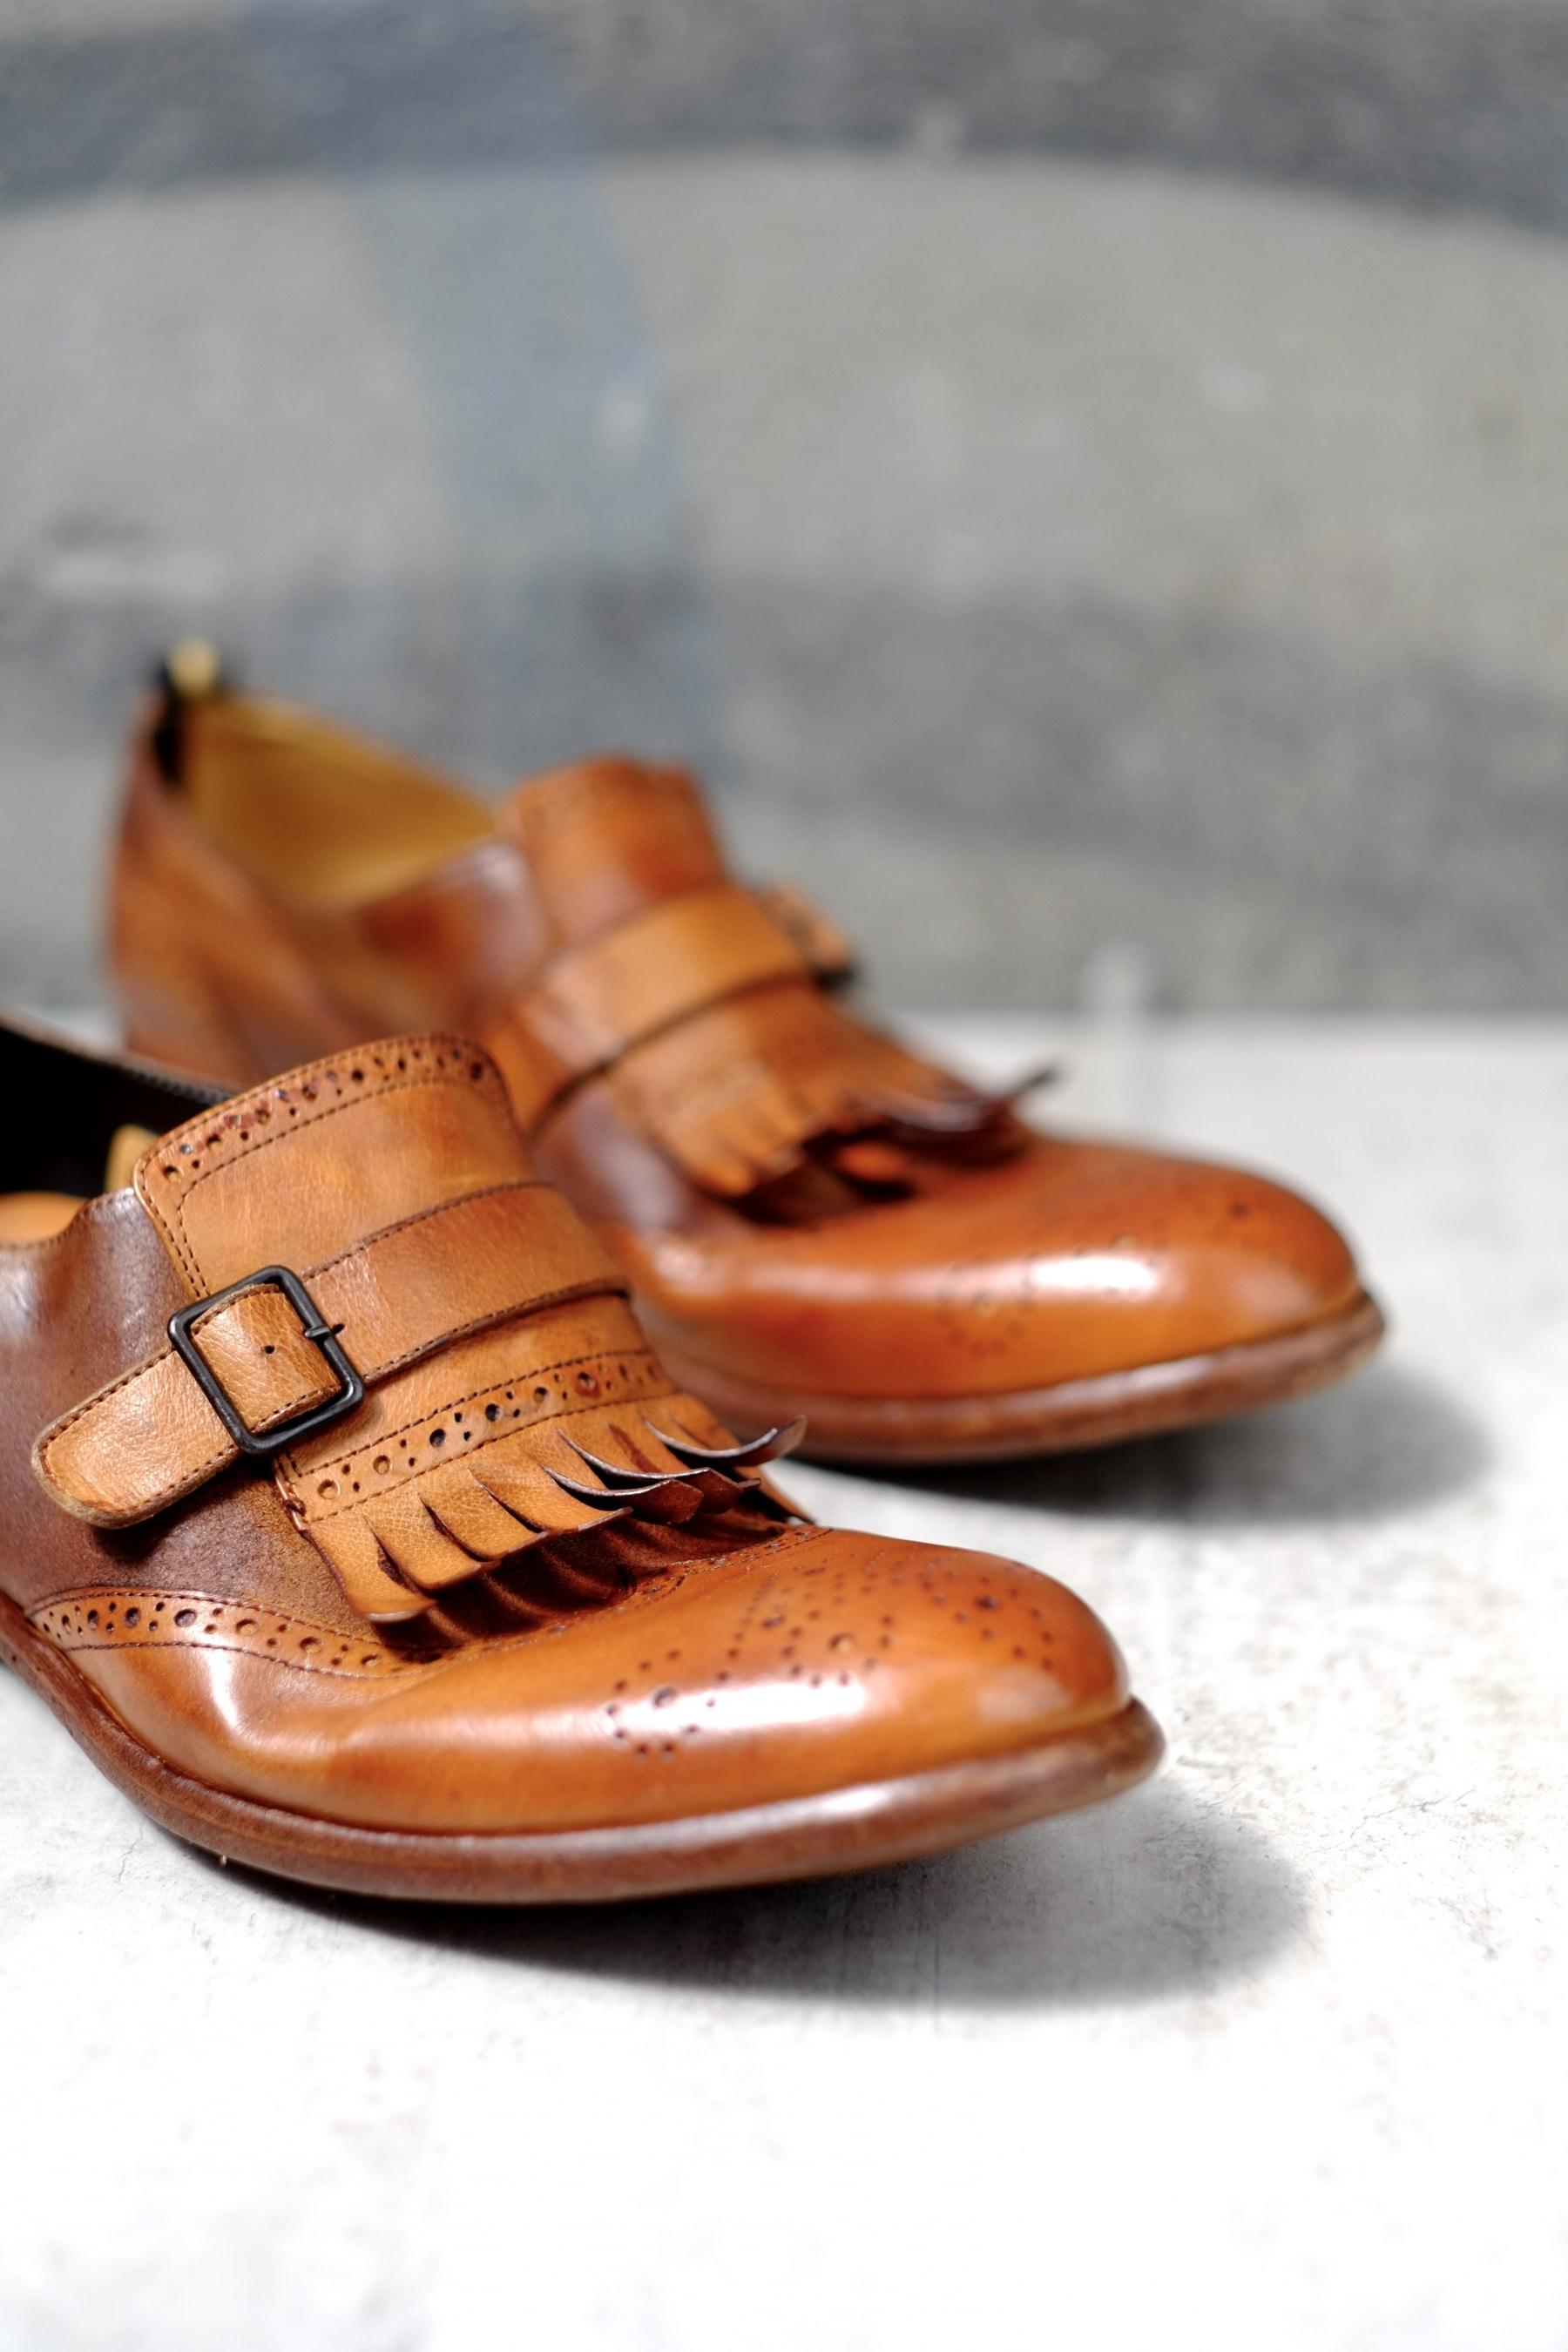 12 melbourne based shoe design